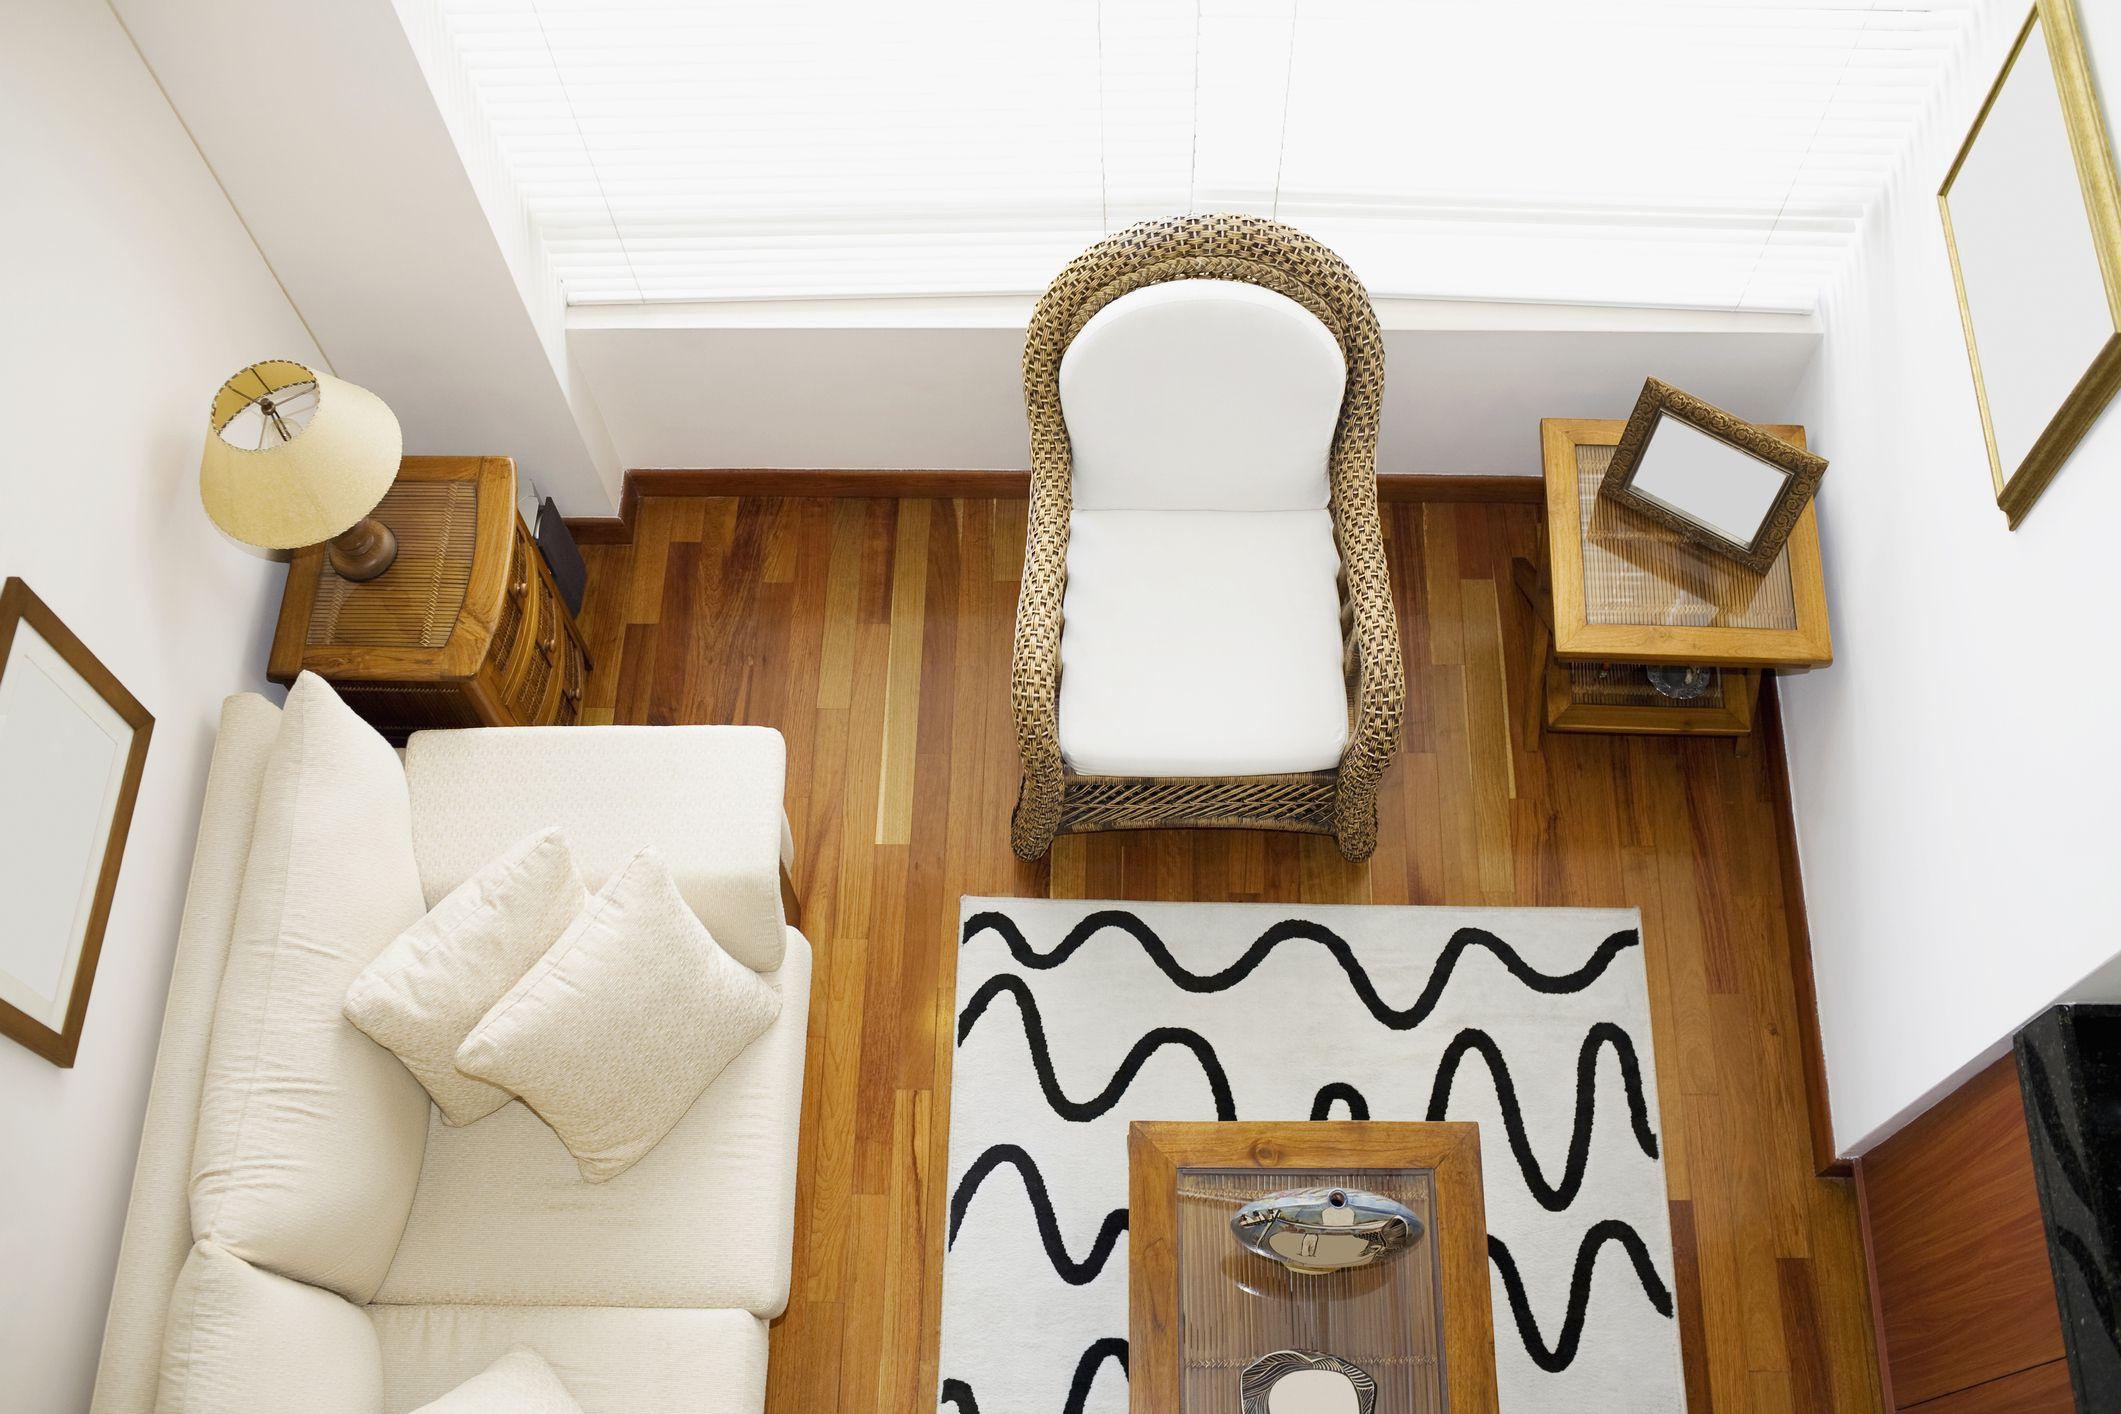 hardwood floor vs tile cost of stop putting hardwood floors in every room inside 1480712606 hardwood floor rug